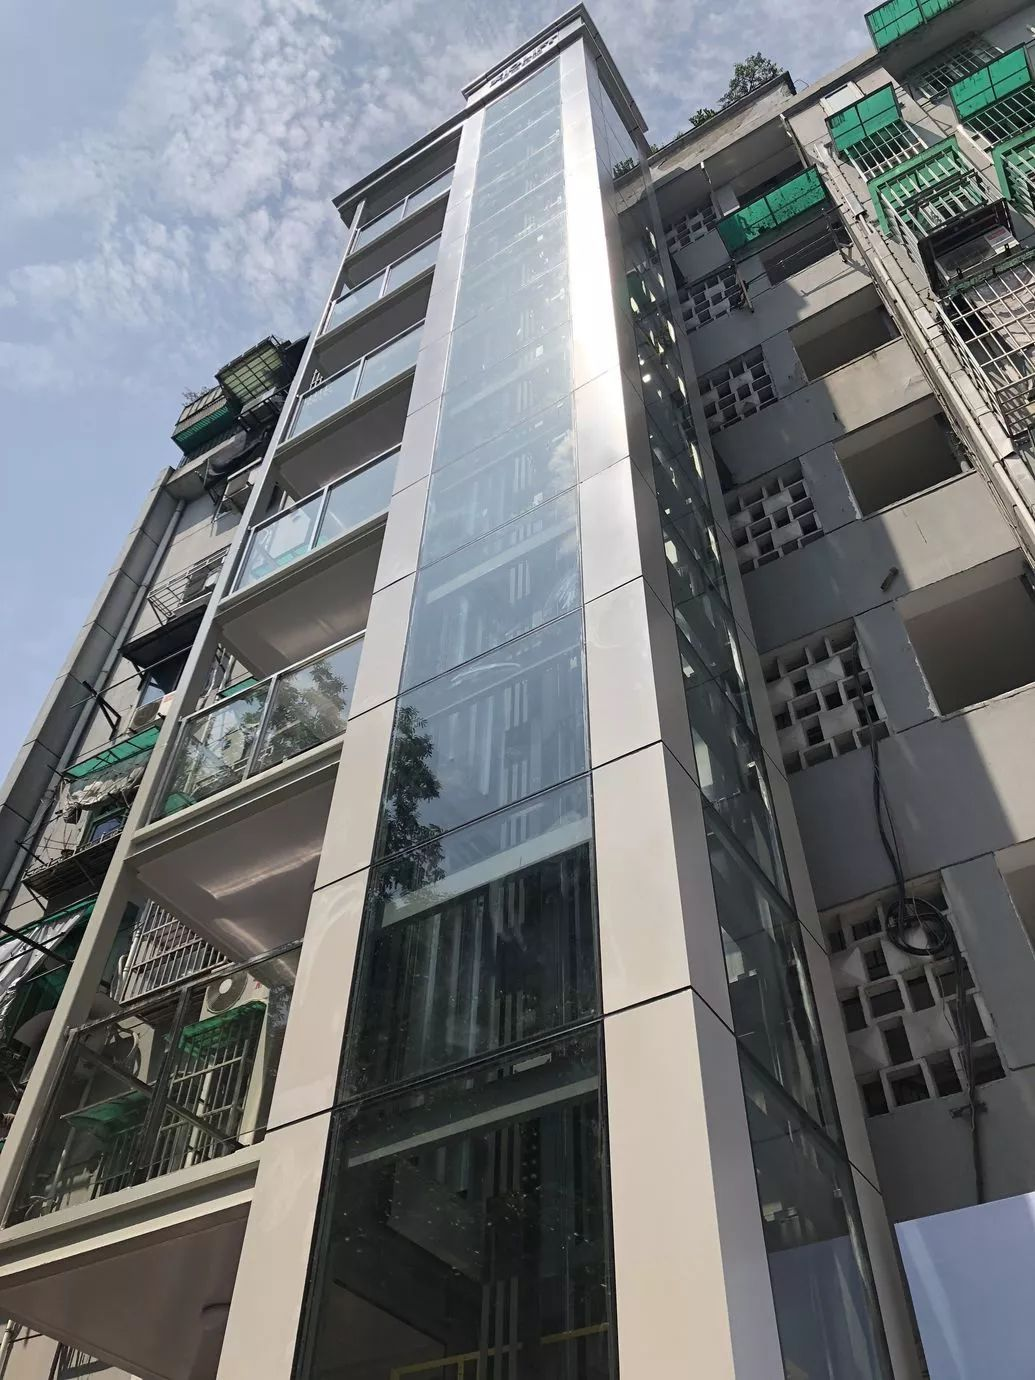 特种电梯_特种电梯价格_优质特种电梯批发/采购商机 - 搜好货网